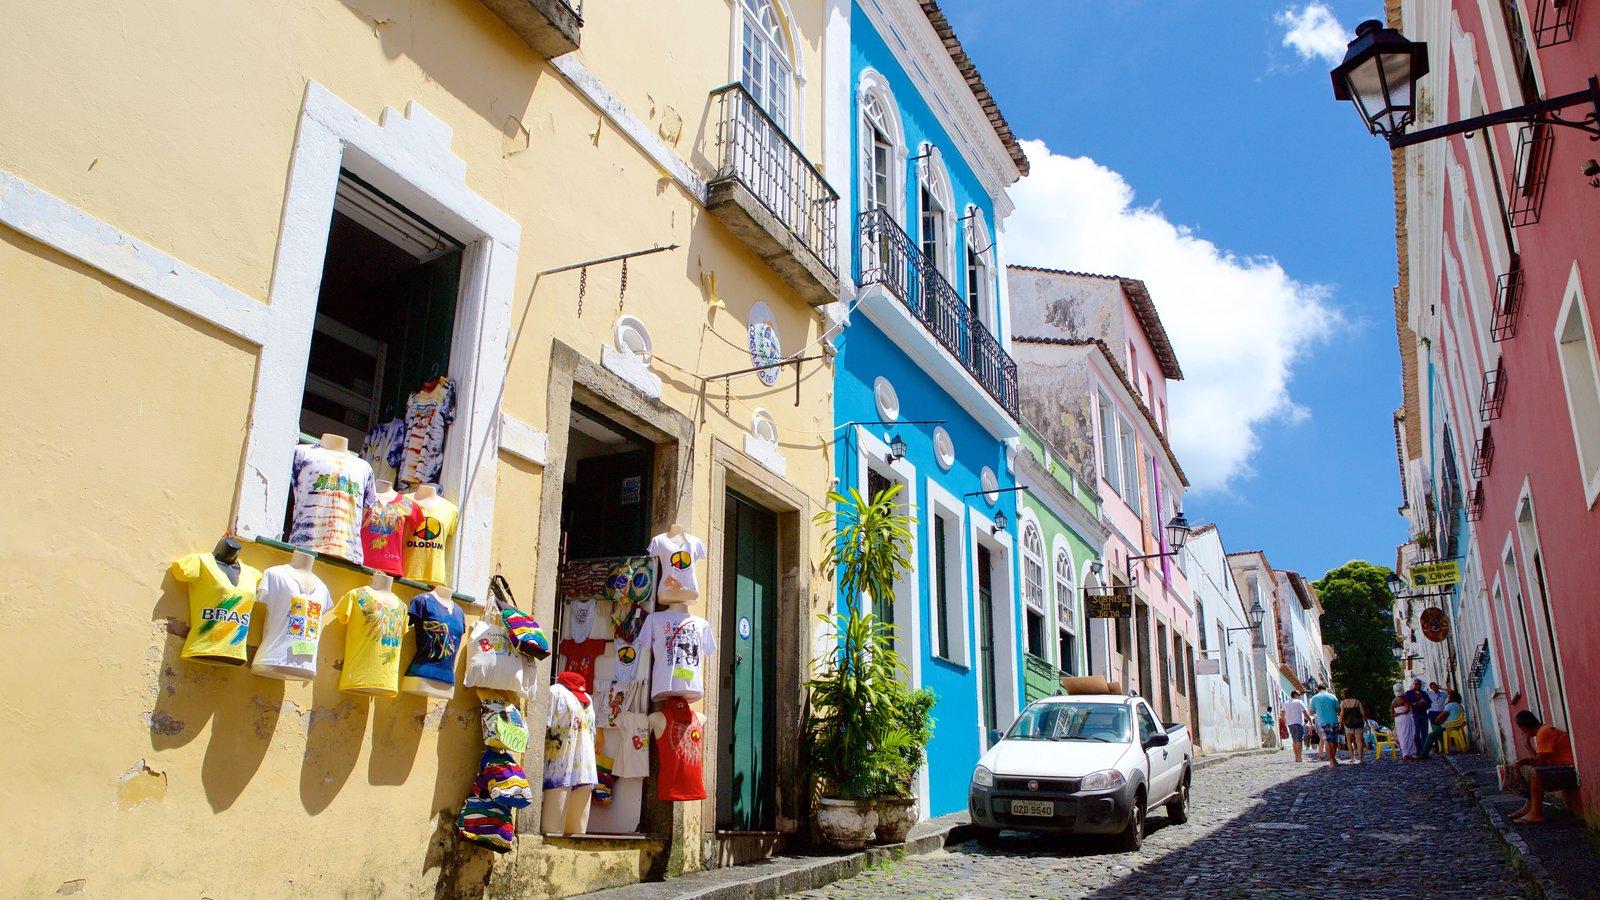 Pelourinho caracterizando uma cidade litorânea e cenas de rua